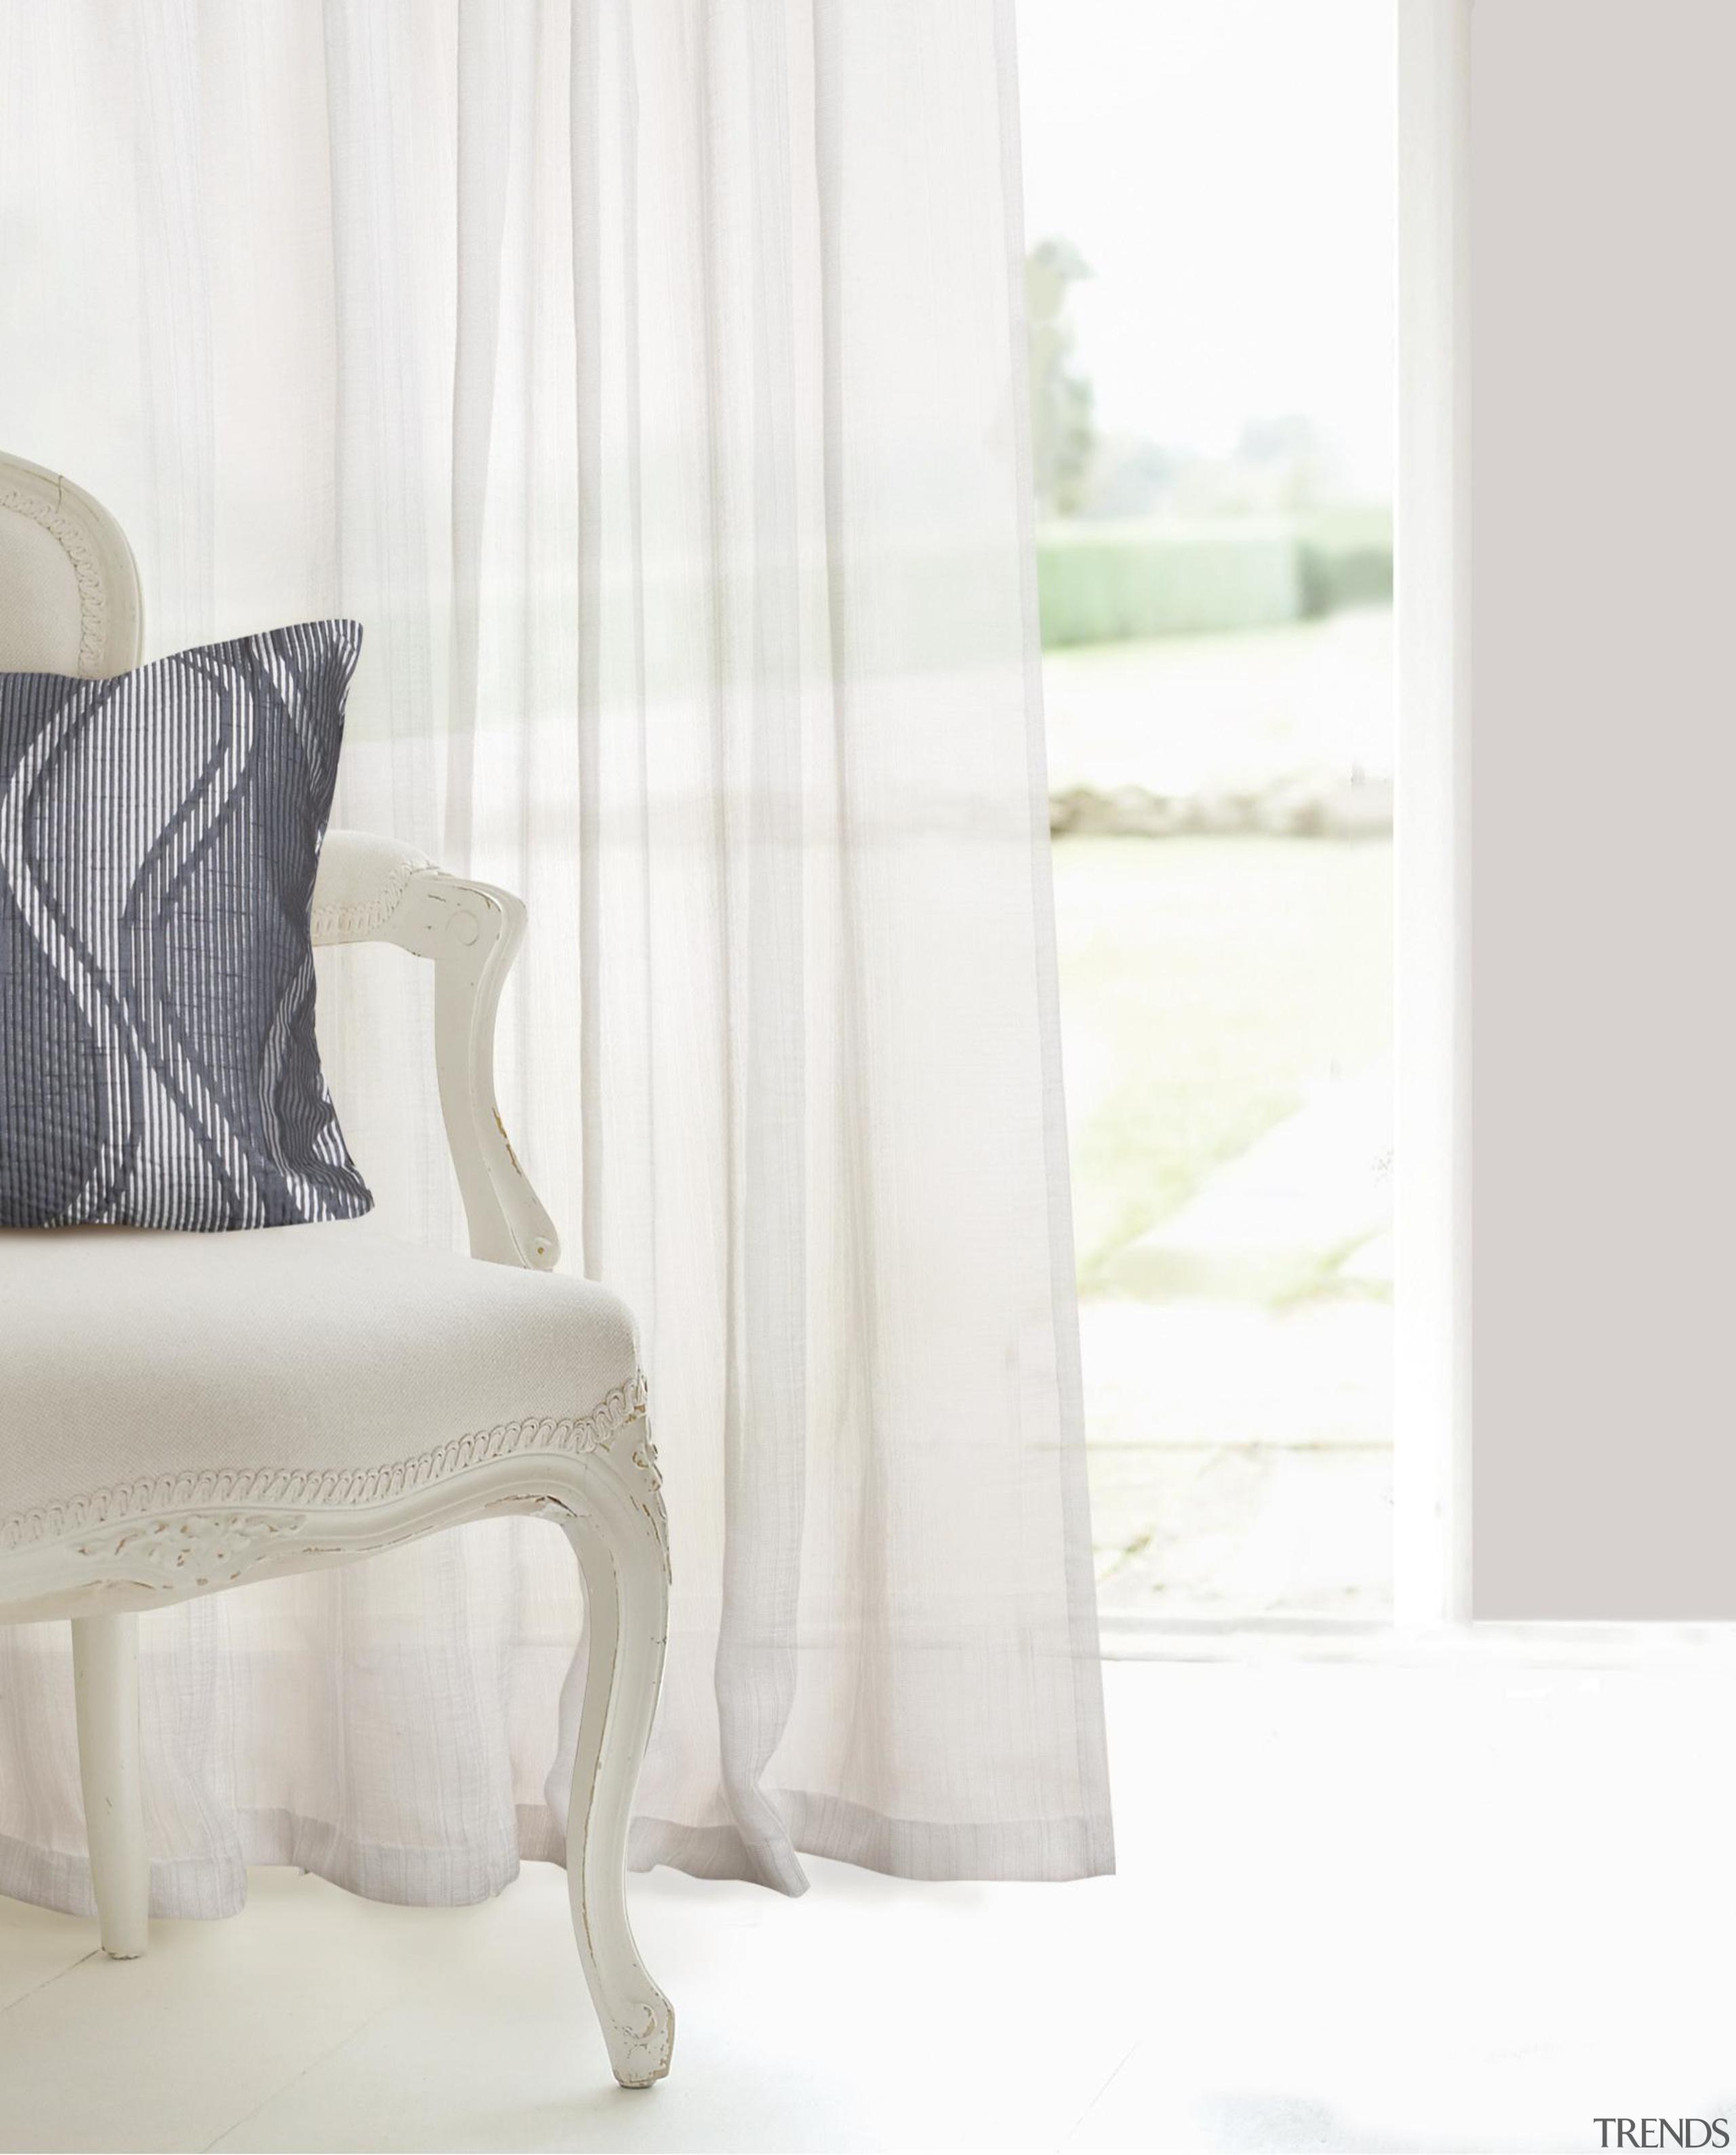 Meander - chair | curtain | cushion | chair, curtain, cushion, floor, furniture, interior design, product, table, textile, window, window treatment, white